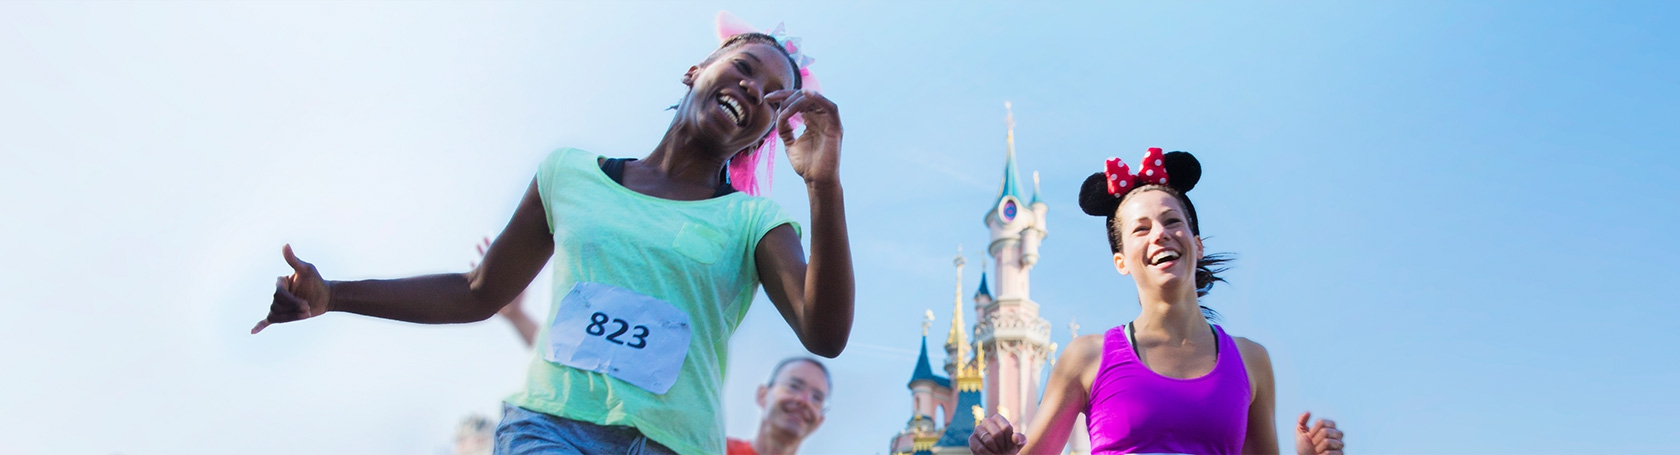 """¿Te gusta correr"""" no te pierdas el segundo runDisney week-end en París"""